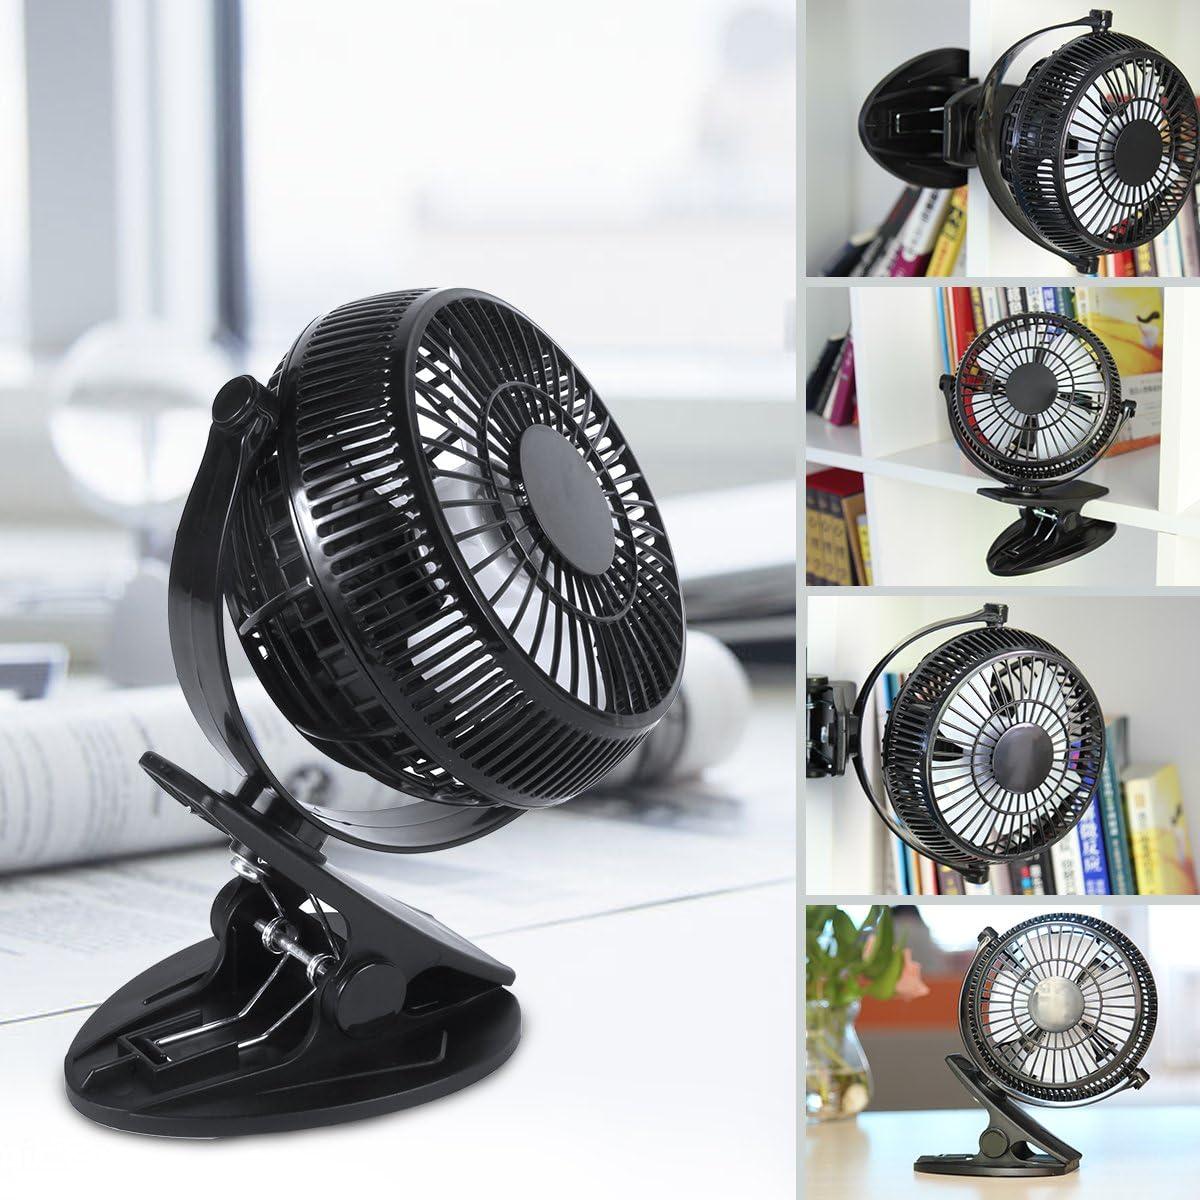 Mini Ventilador USB de 5 Pulgadas WEINAS® 360 Grados de Rotación Mini Ventilador de Mesa Ajustable y Portátil para Oficina/ Cama/ Dormitorio/ Escritorio- Negro